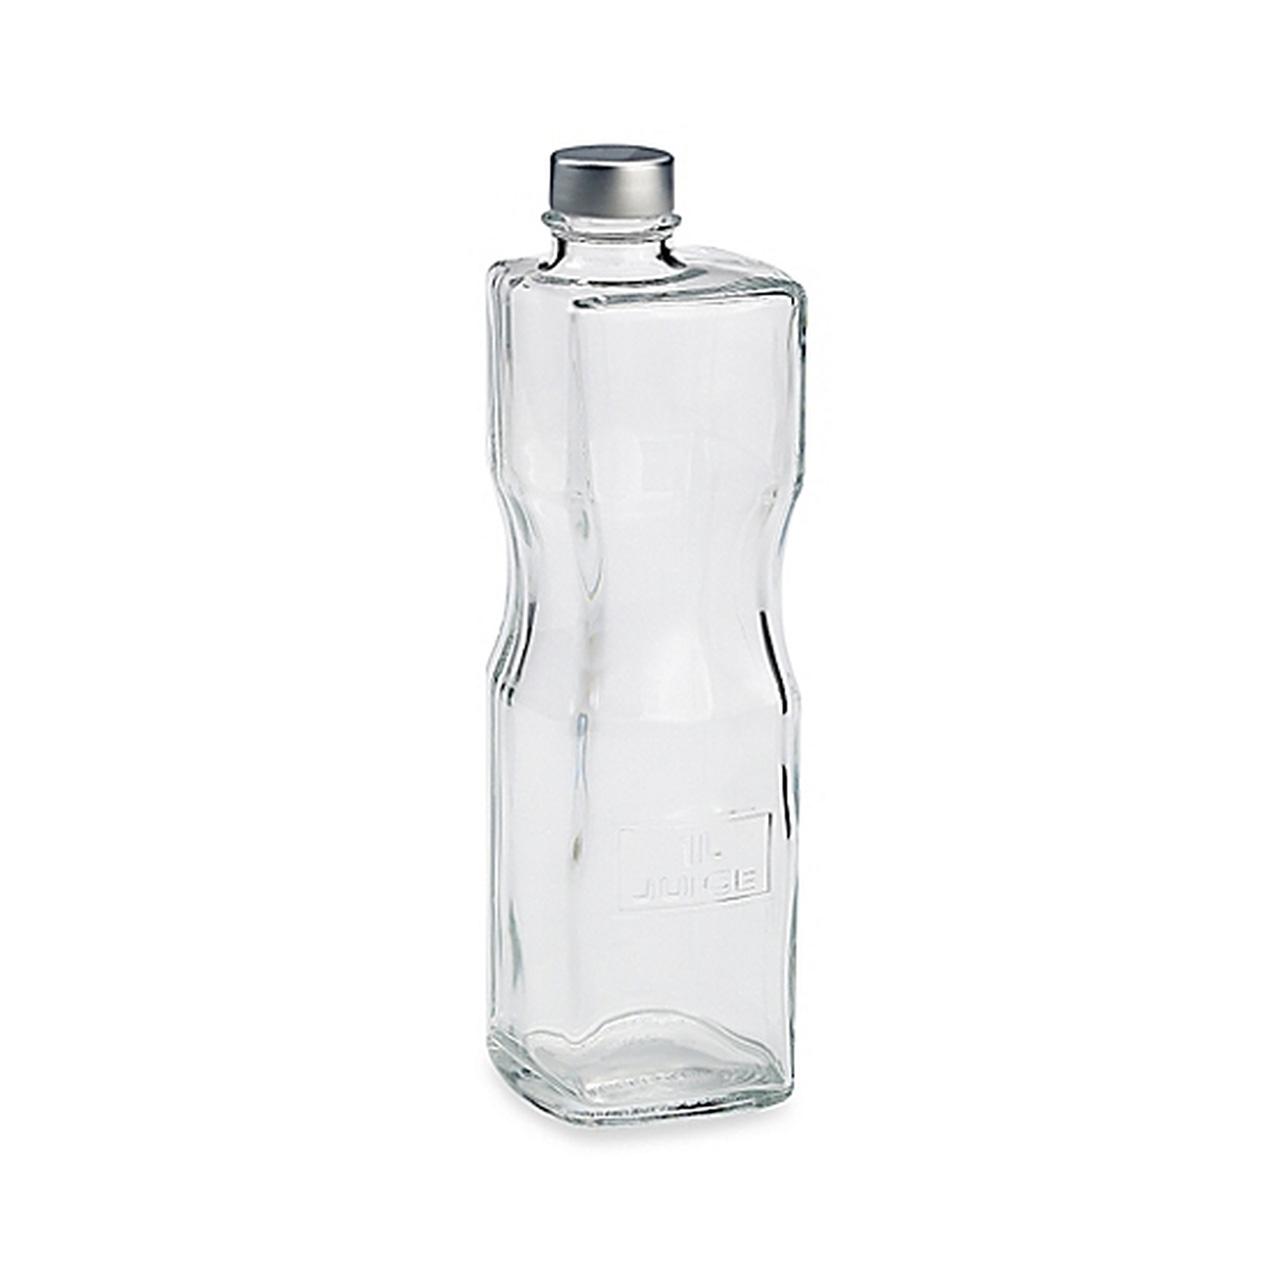 بطري ۴ گوش اپتیما